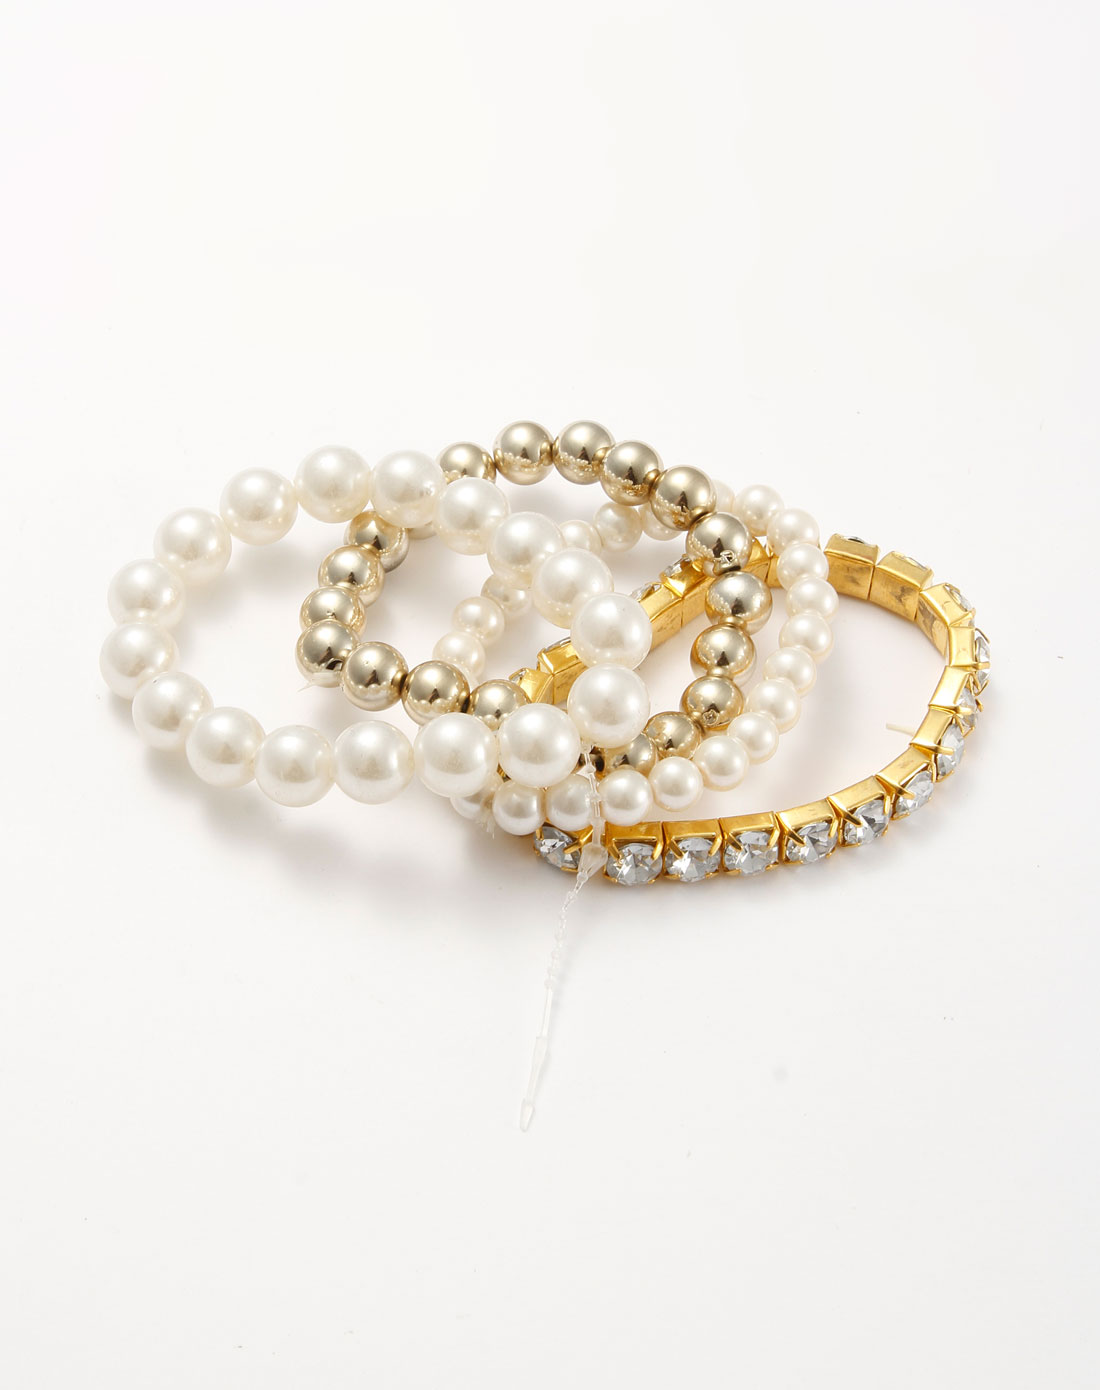 白/金色水晶珍珠优雅手链